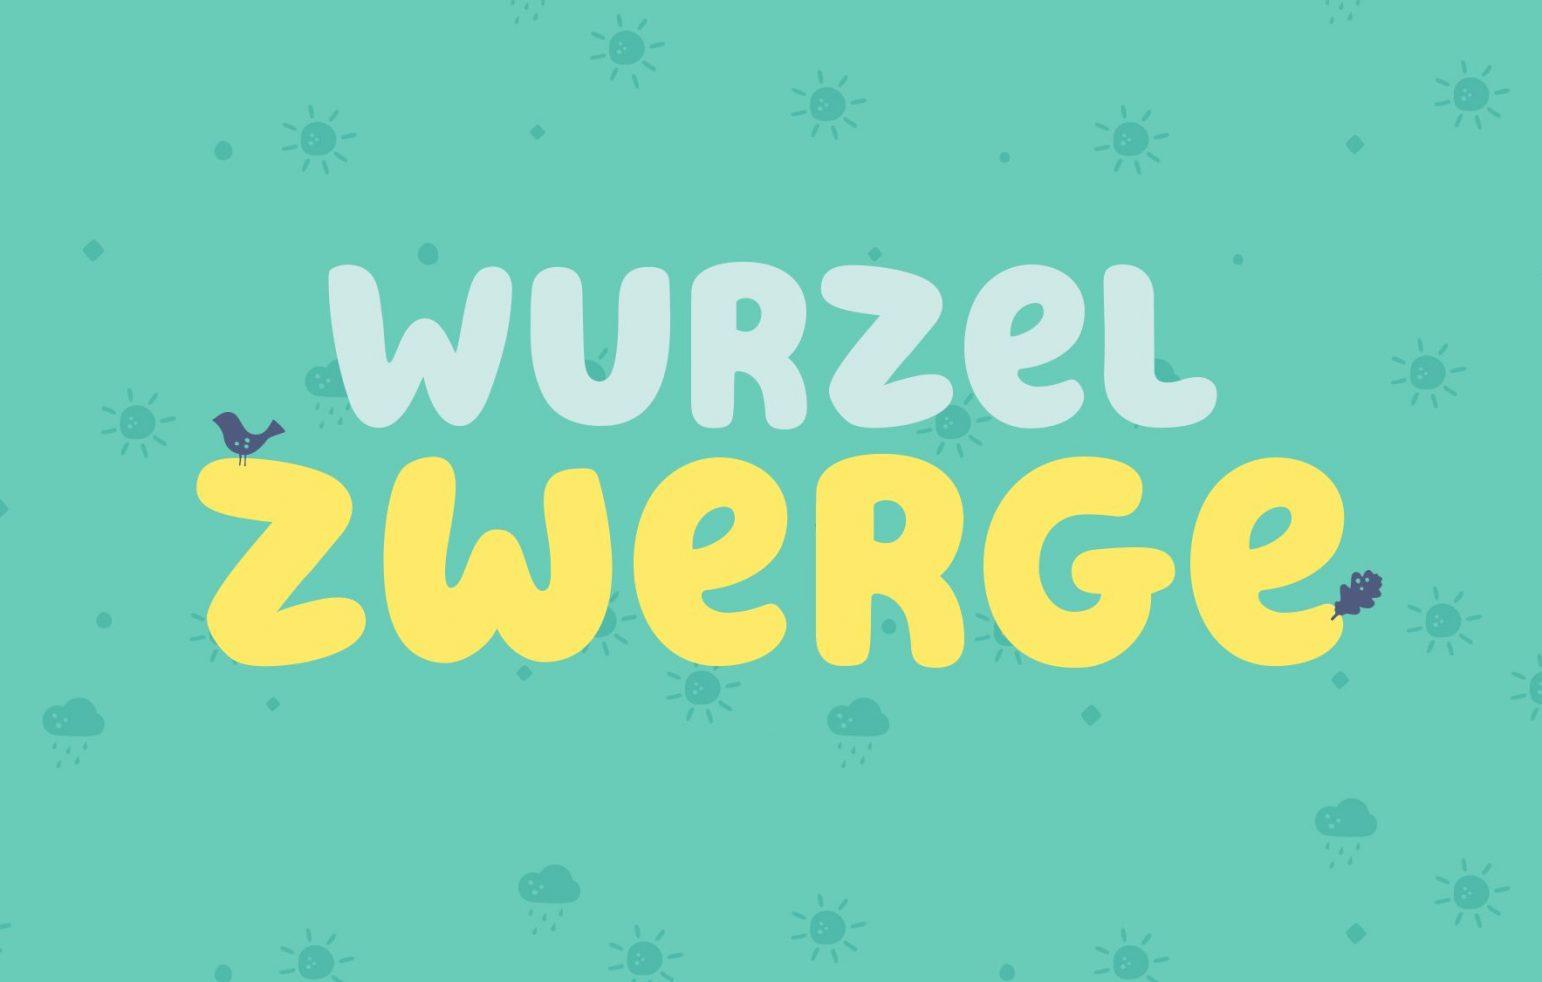 Wurzelzwerge-02-rasmusundchristin